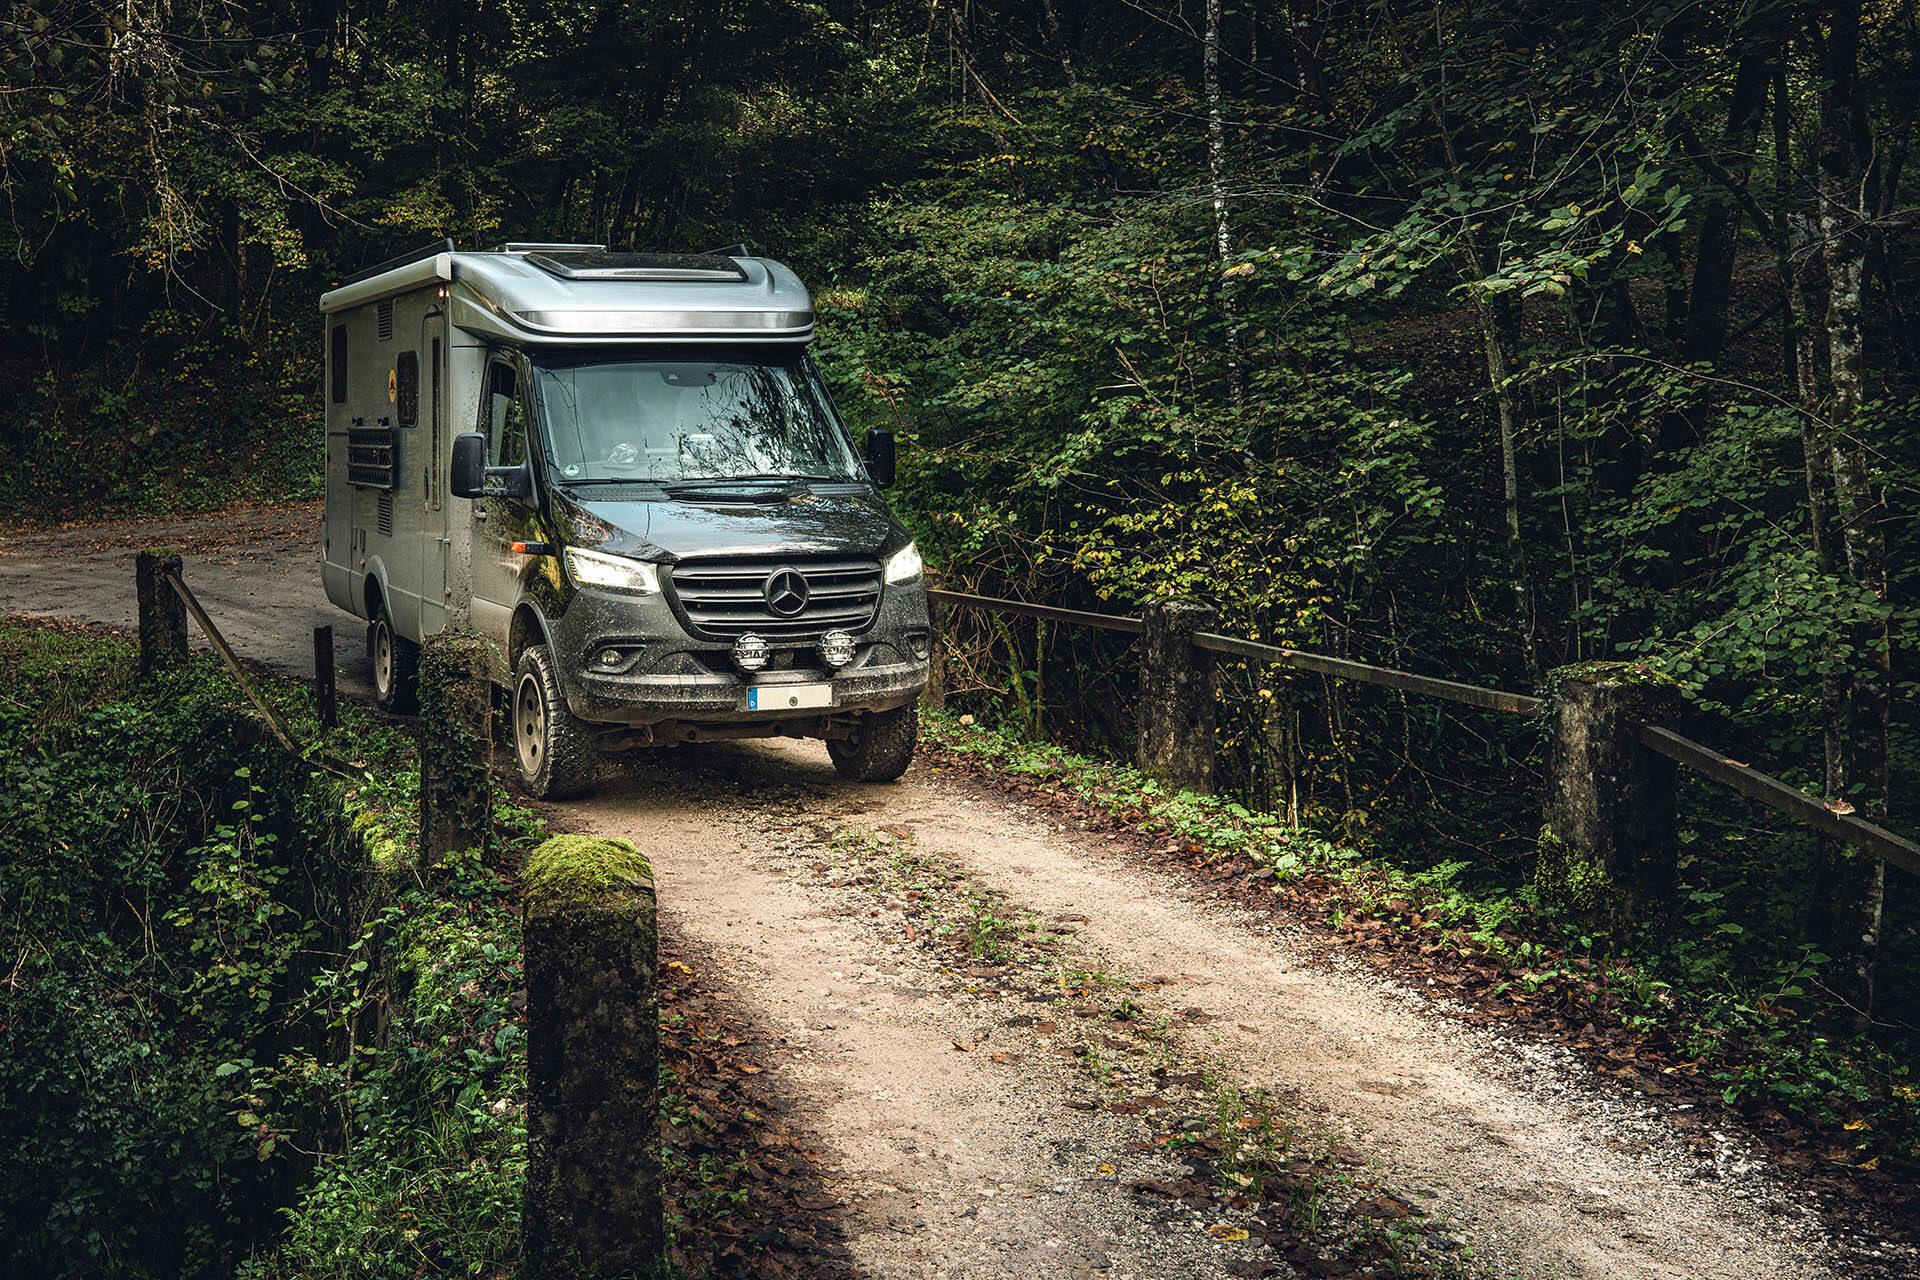 Hymer MLT 580 4x4, Offroad-Reisemobil oder eben Weissware im Dschungel-Camp